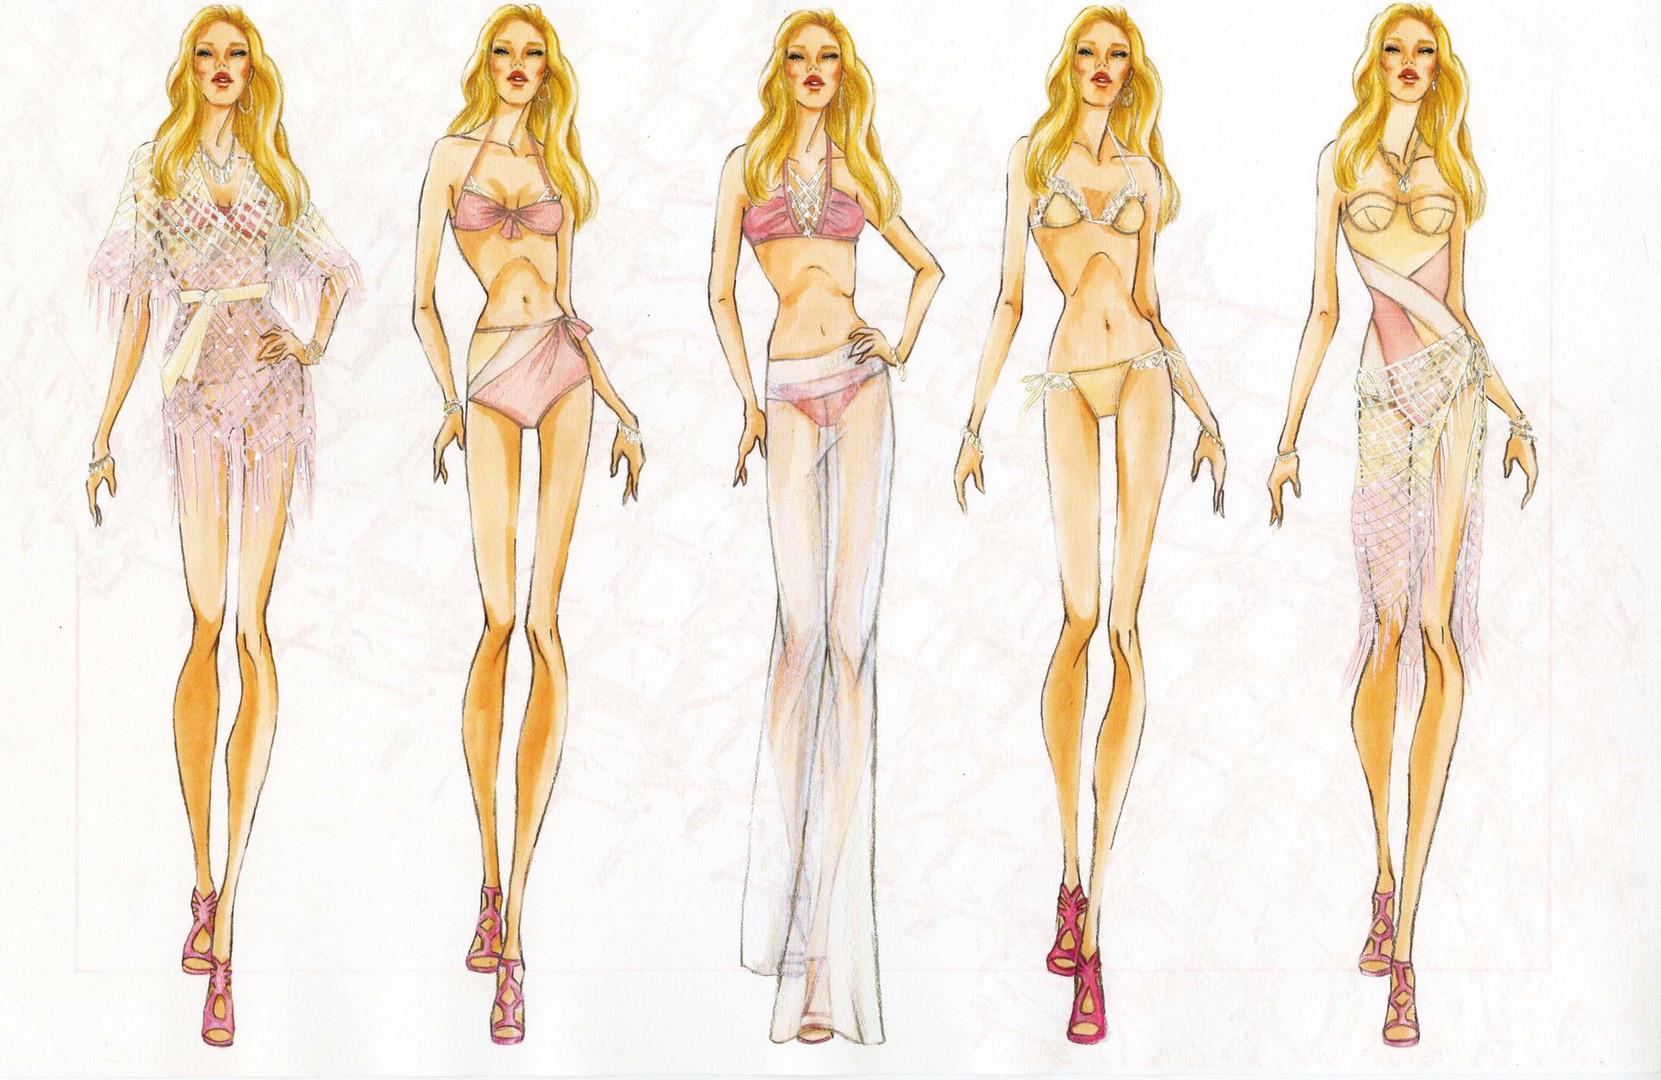 Noelle Garcia Swimwear Illustration